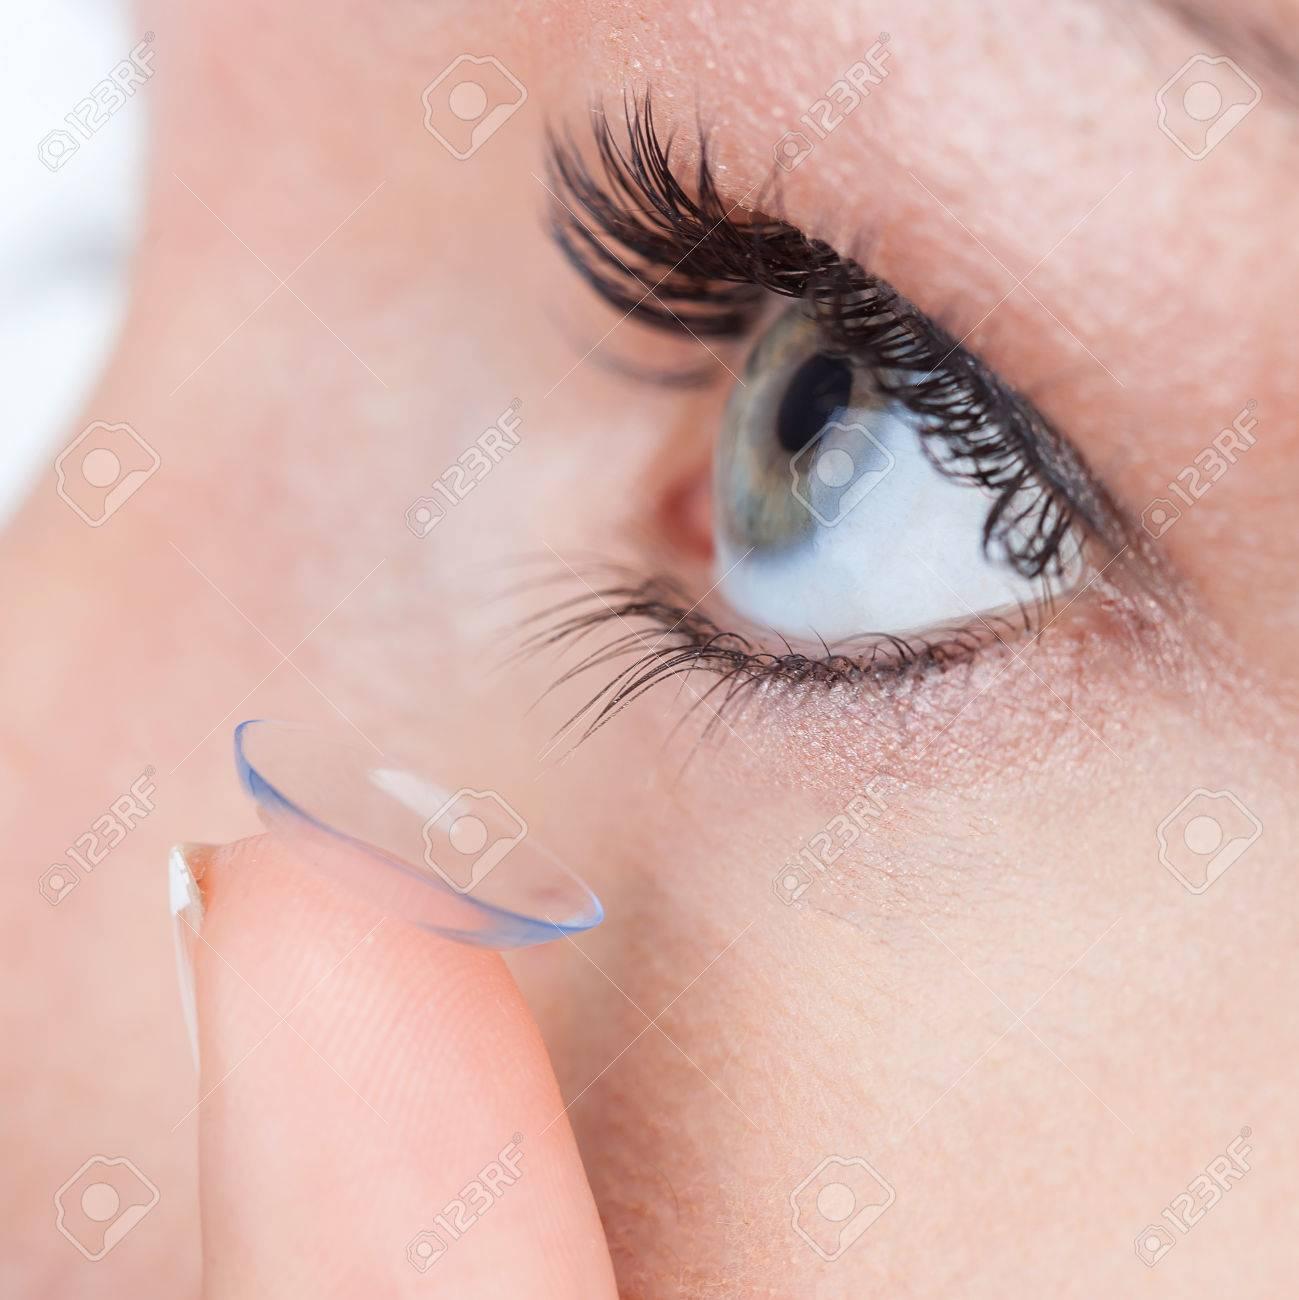 Woman eye with contact lens applying, macro Stock Photo - 30224172